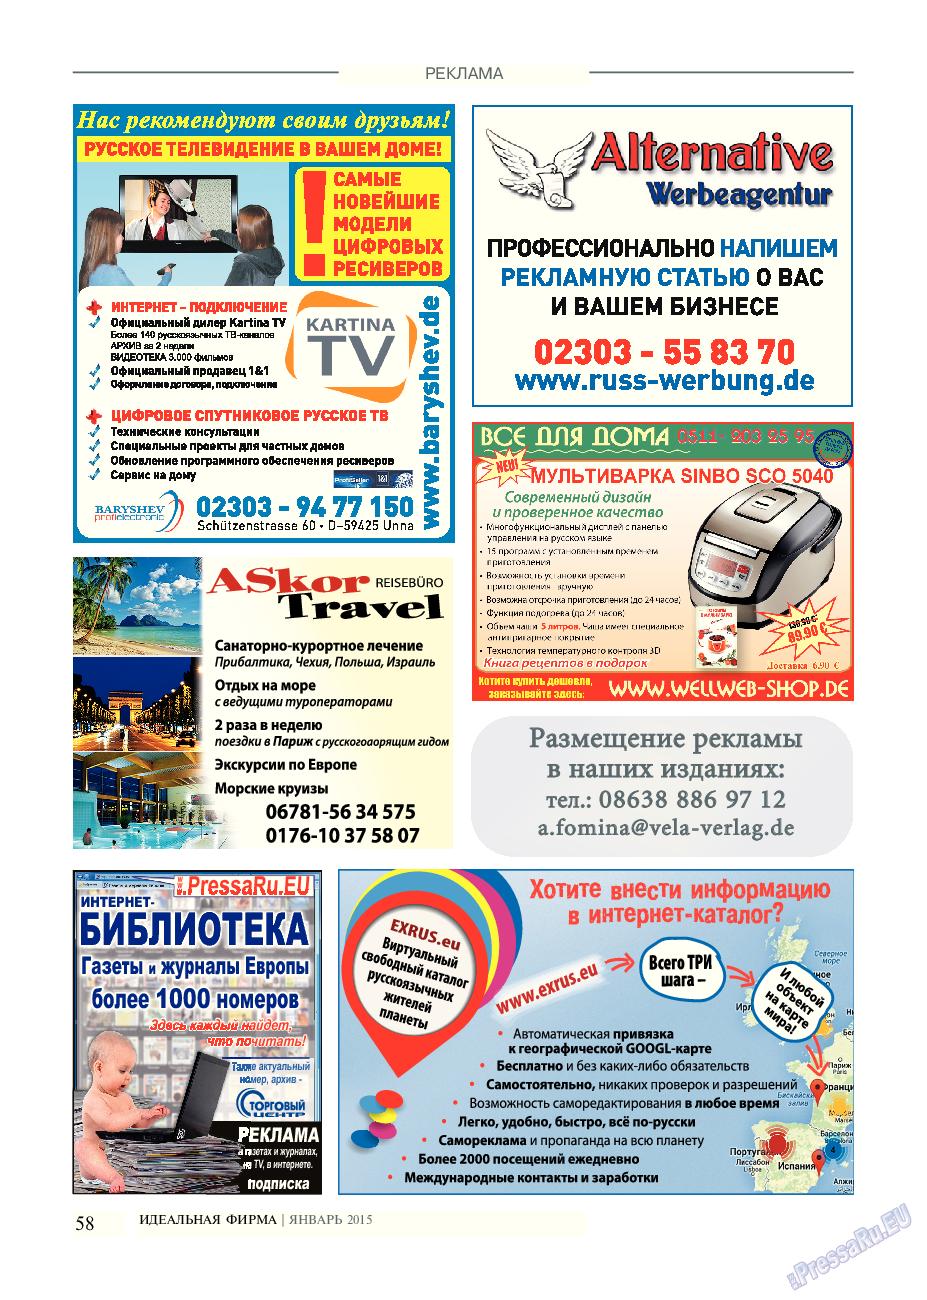 Идеальная фирма (журнал). 2015 год, номер 1, стр. 58